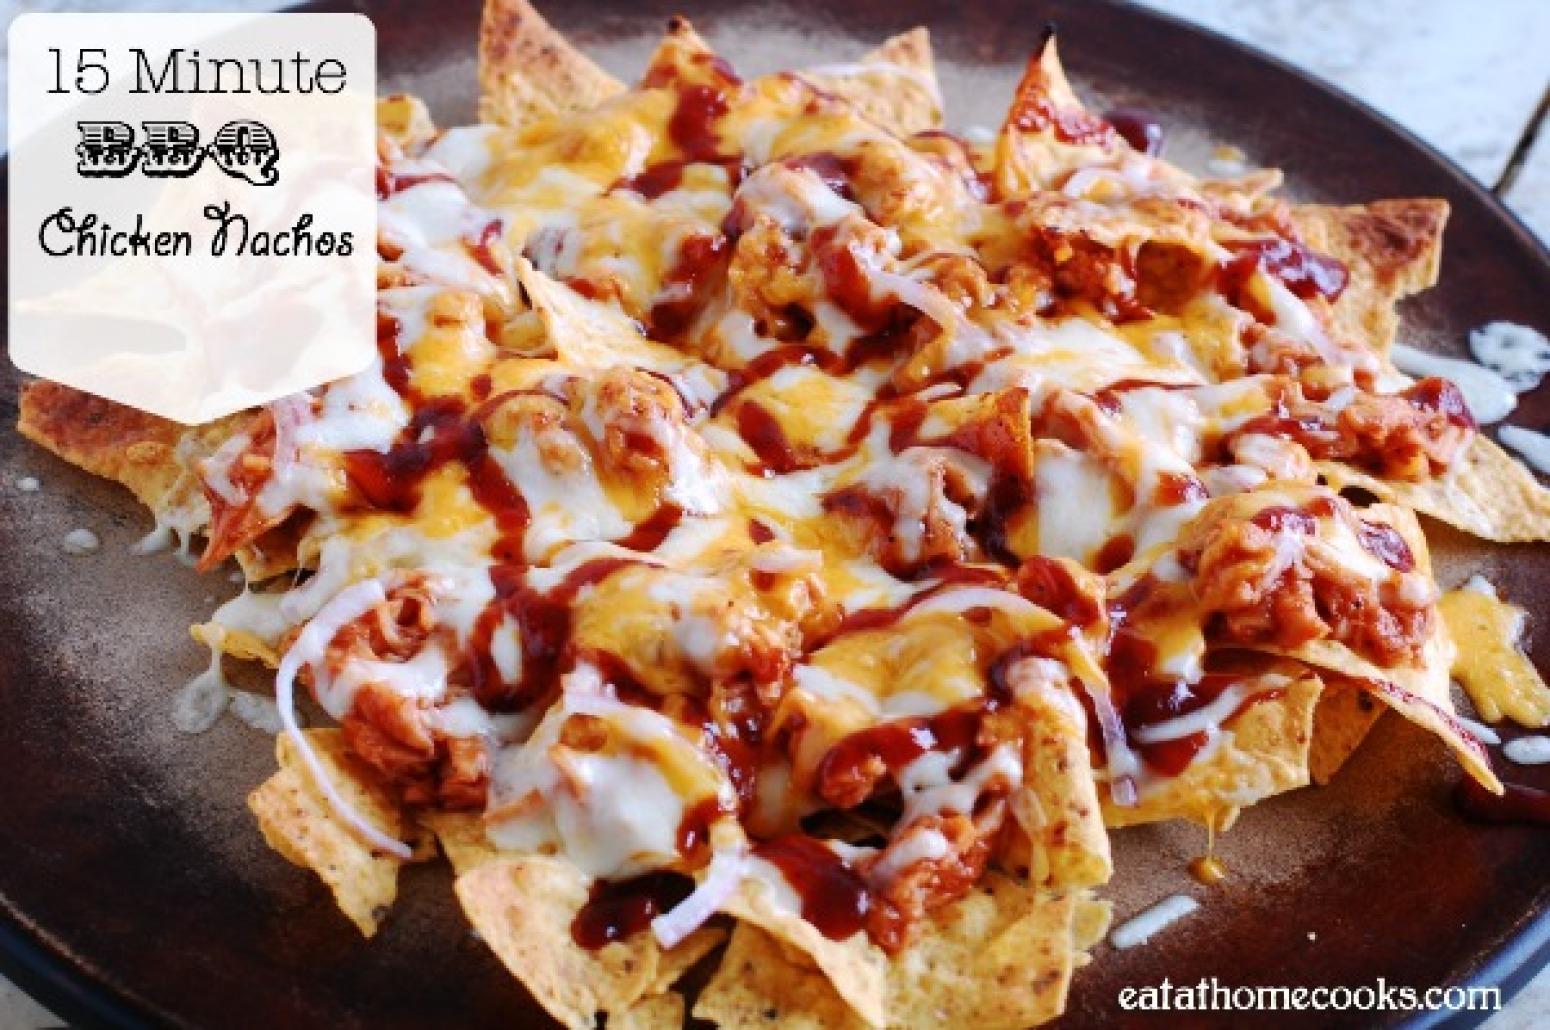 15 Minute BBQ Chicken Nachos Recipe | Just A Pinch Recipes